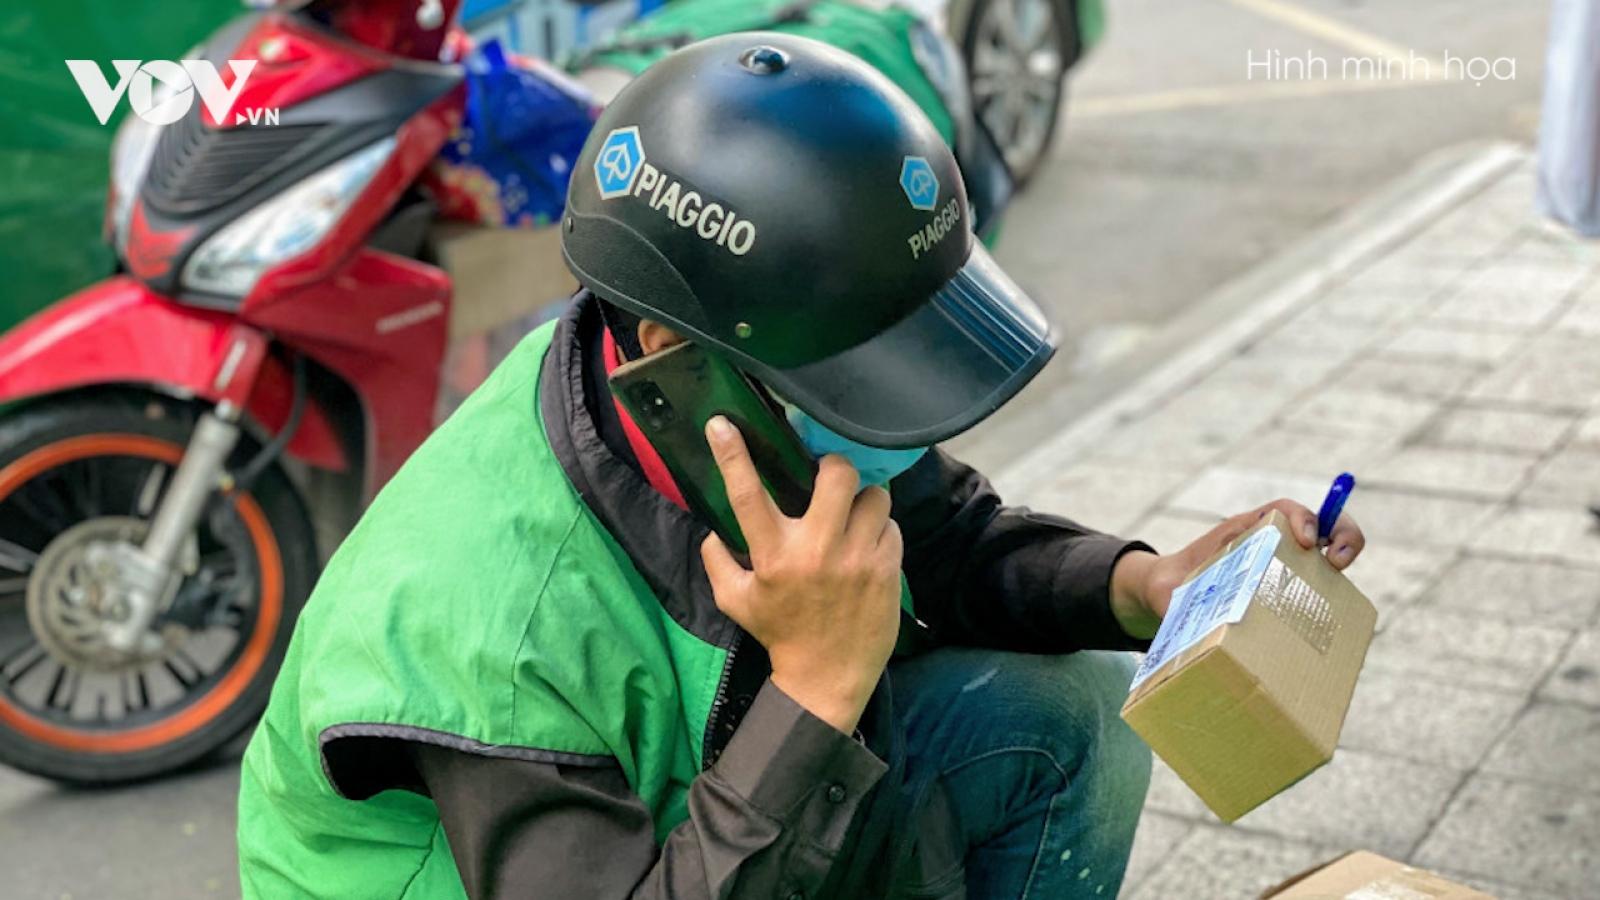 Nóng 24h: Vờ hỏi đường rồi cướp điện thoại của shipper tại Hà Nội